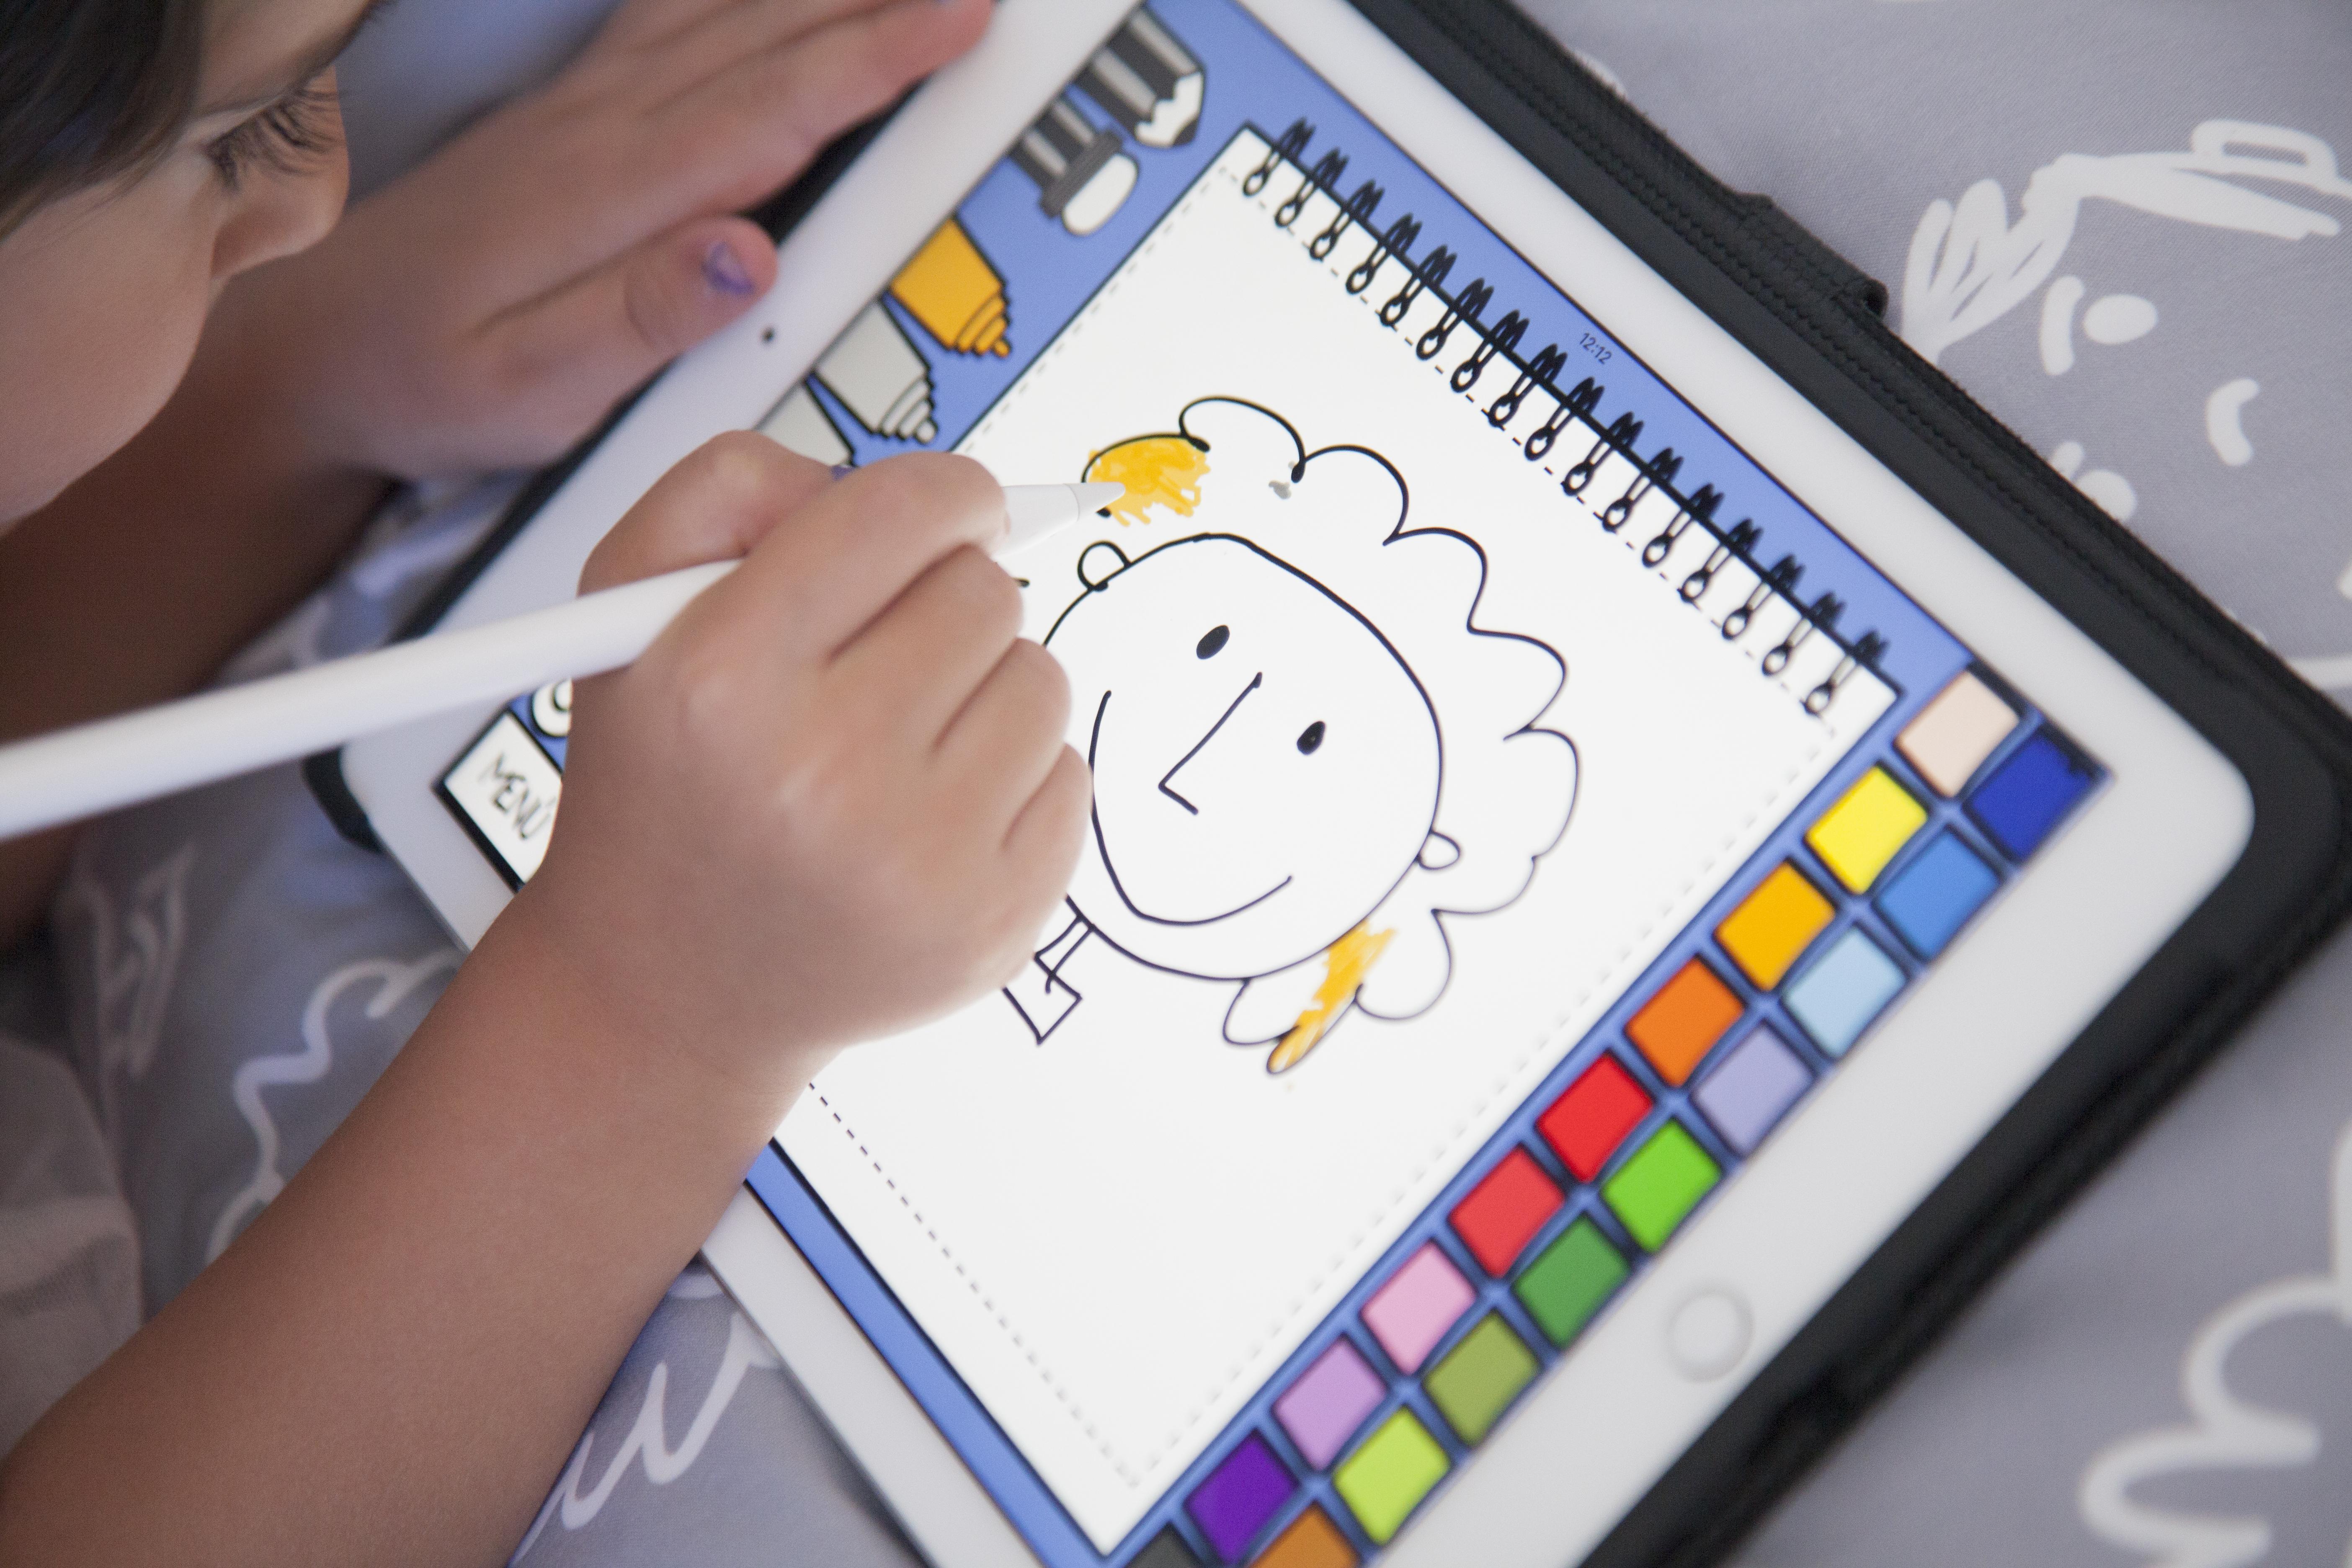 mejores apps para niños, apps para niños, apps infantiles, apps educativas